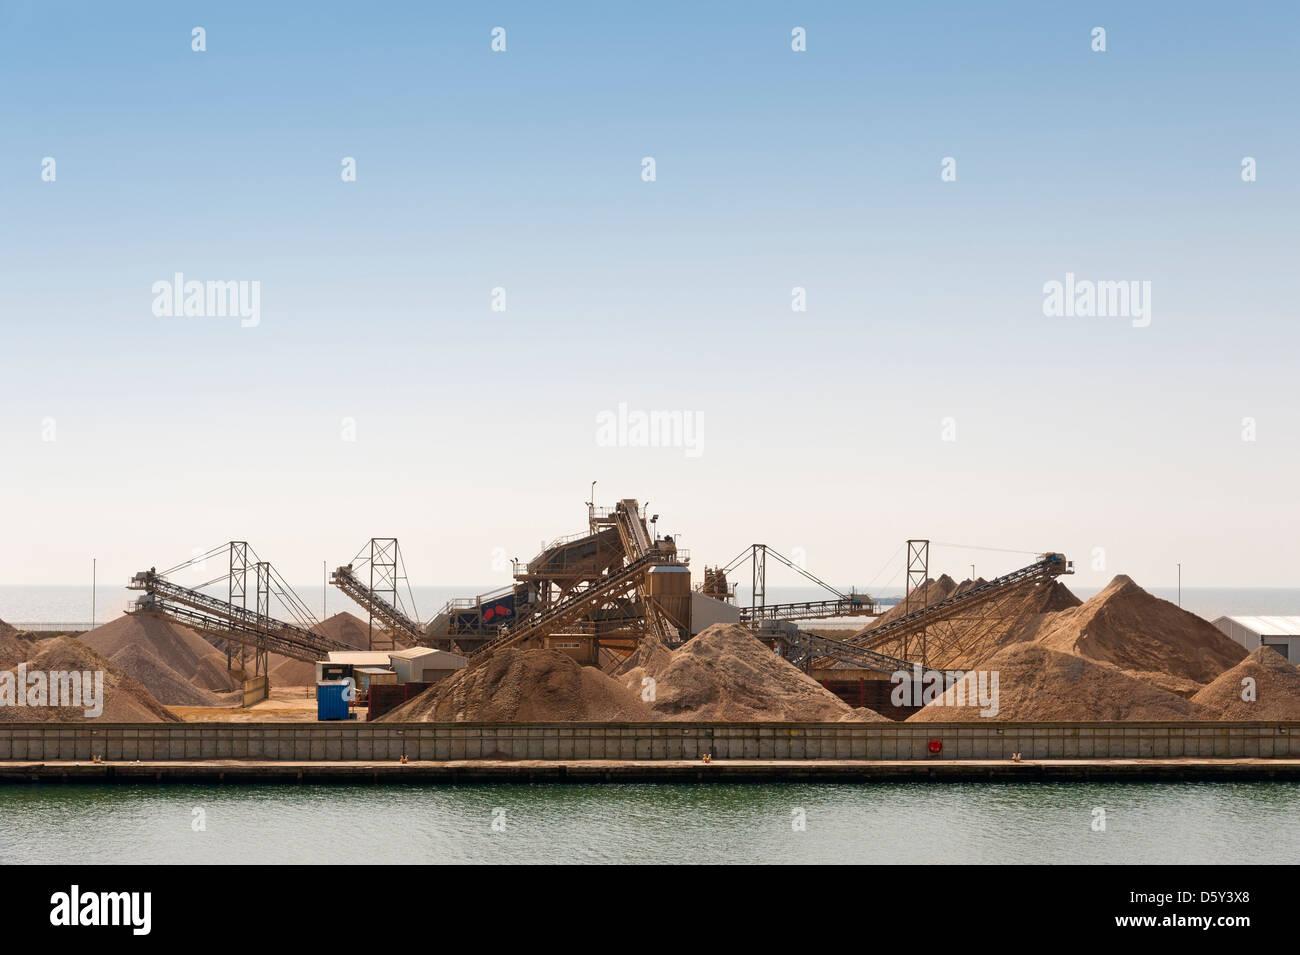 Énorme tas de granulats à une usine de transformation industrielle à Shoreham Harbour - Shoreham Photo Stock